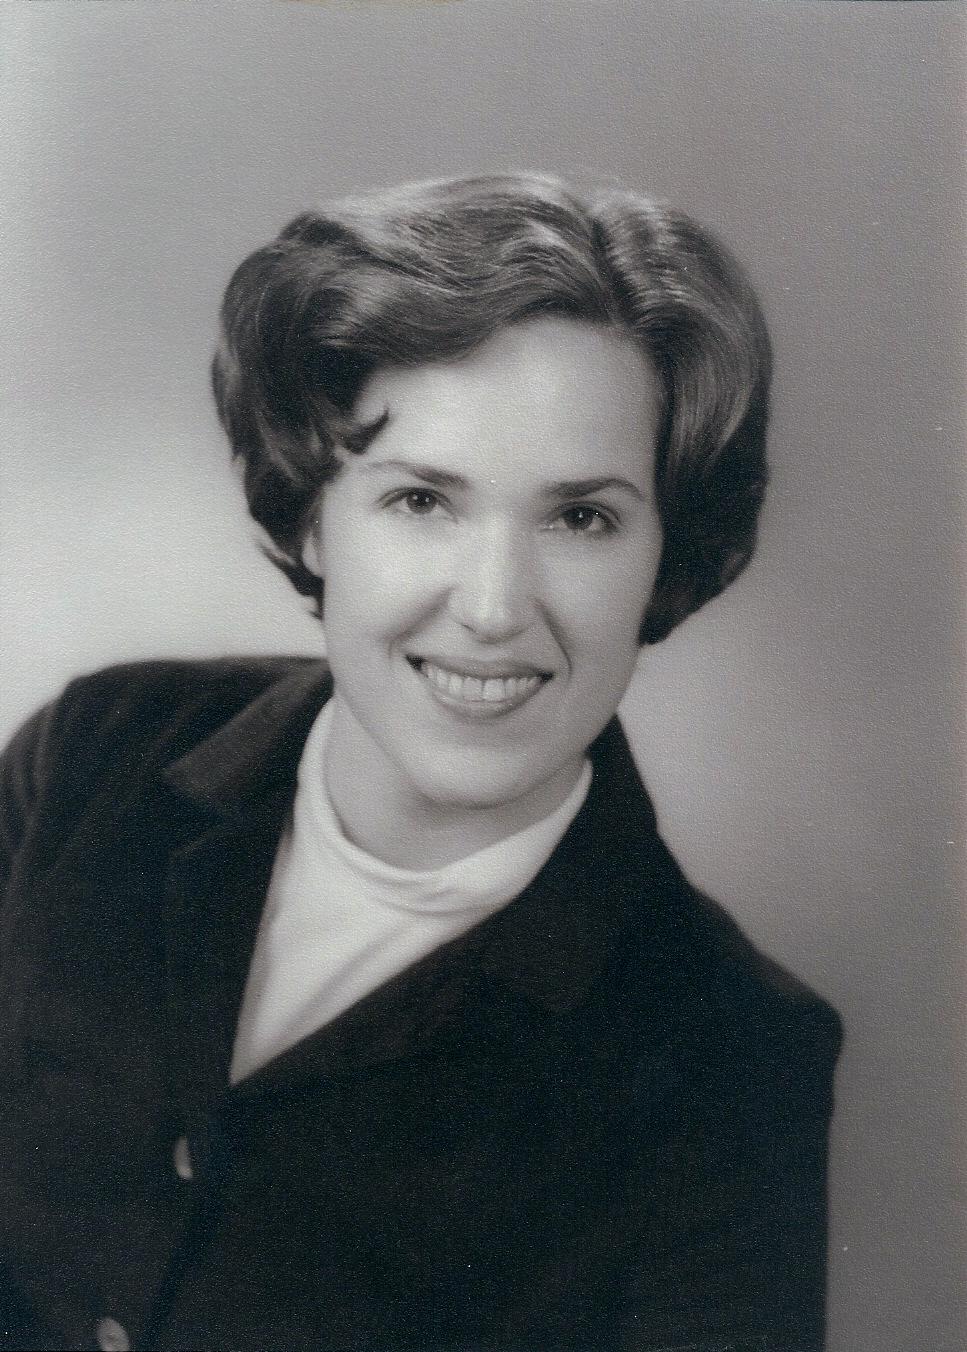 Graduation College portrait